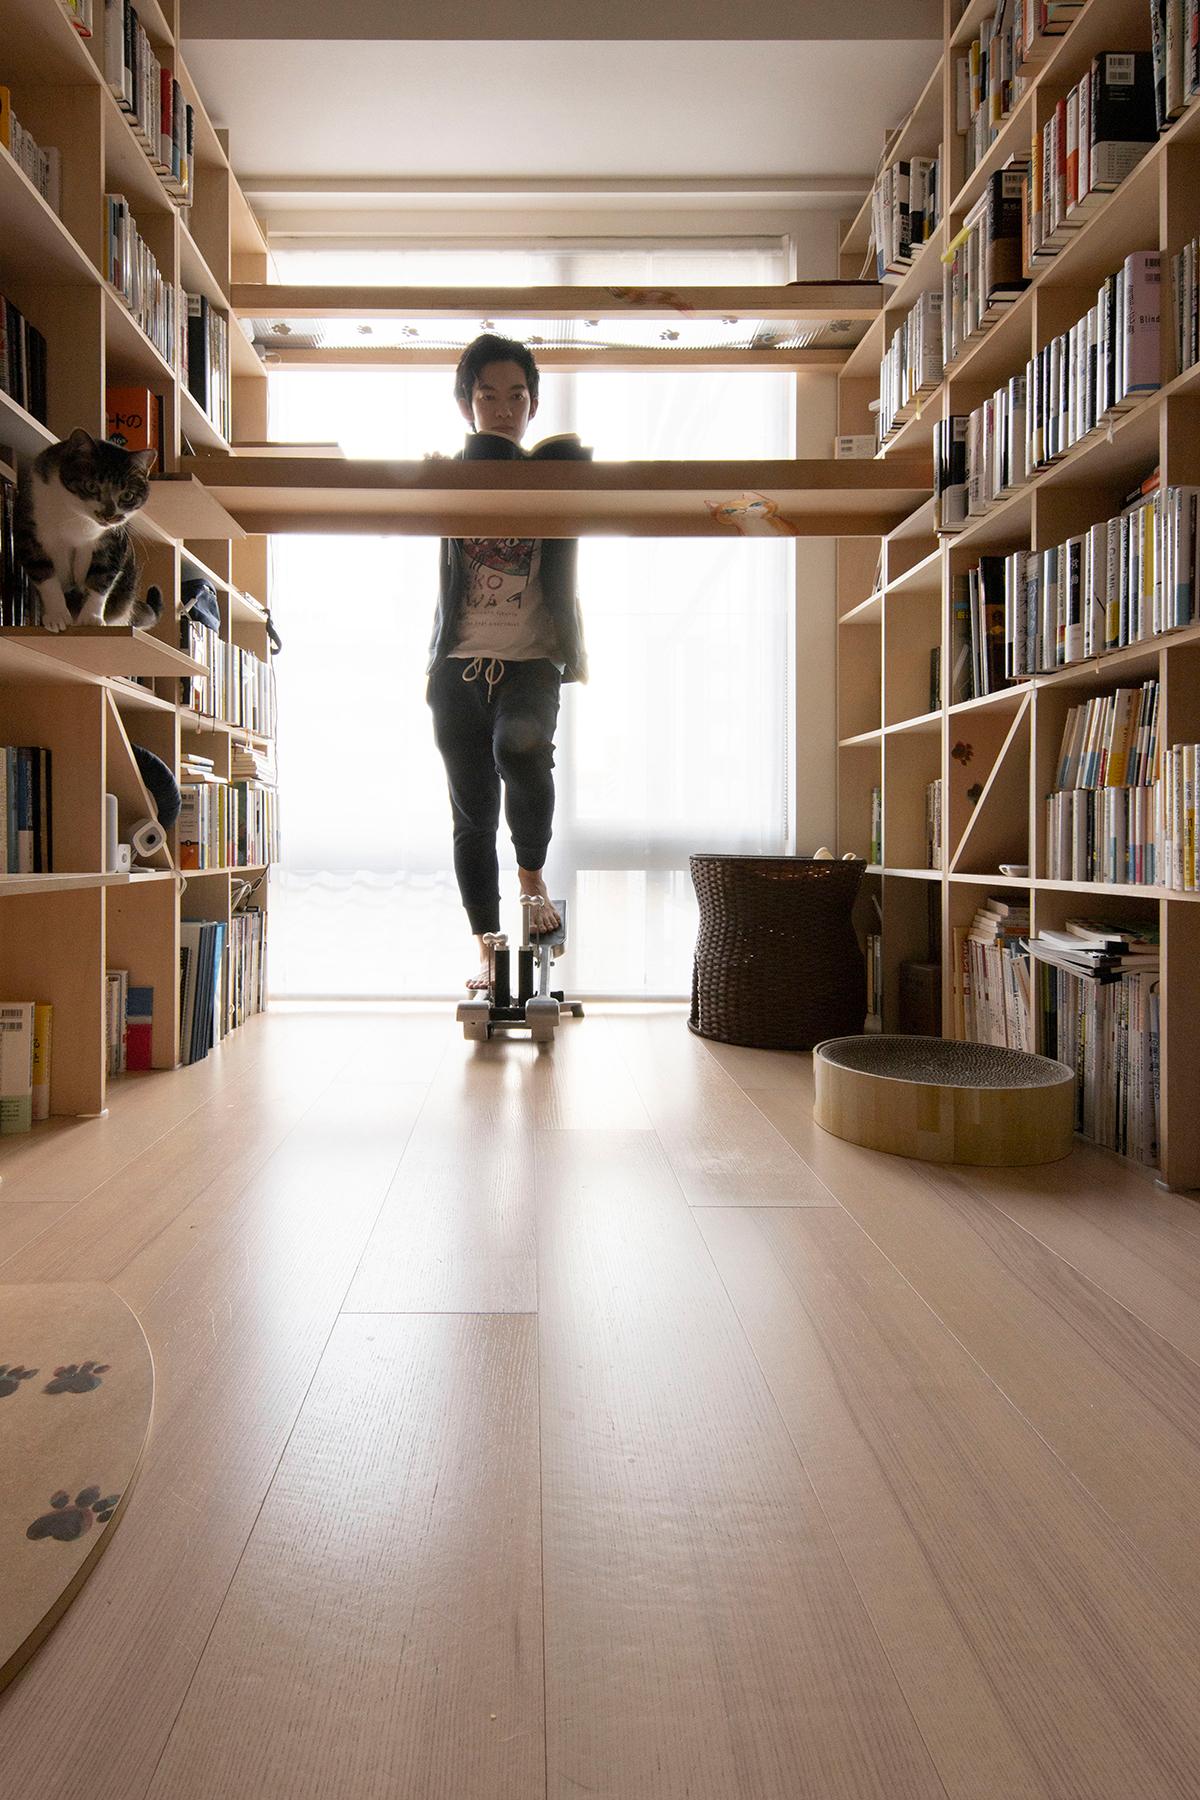 3面本棚 | メンタリストDaiGoさんの壁一面本棚、スタンディングデスク